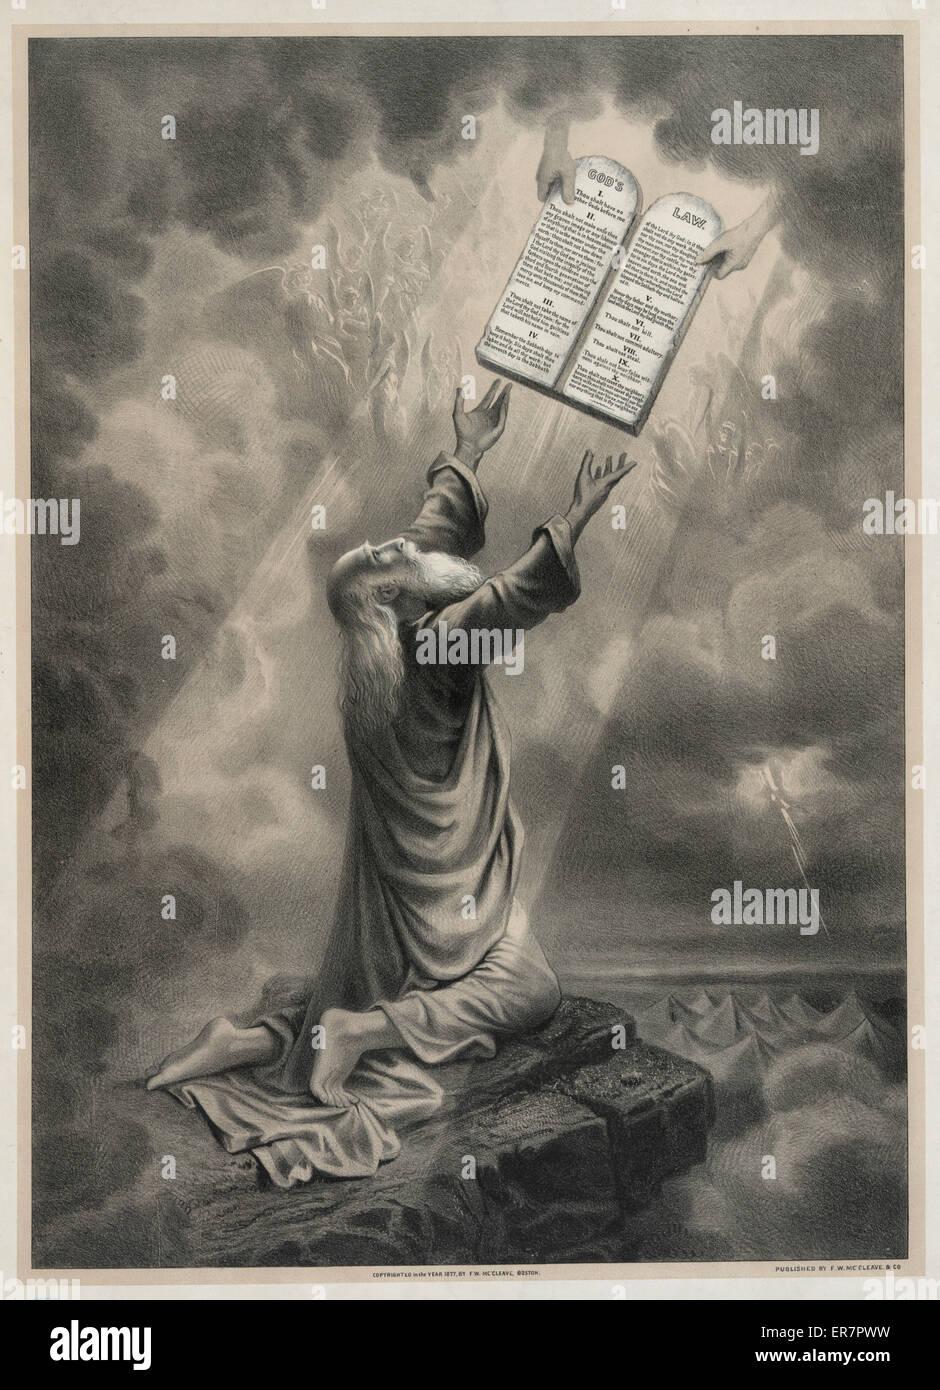 Mosè ricevere la legge. Stampa mostra Mosè in ginocchio e raggiungendo verso l'alto per accettare le compresse con iscritti theTen comandamenti dalle mani di Dio. Gli angeli possono essere visti nel cielo. Data c1877. Foto Stock